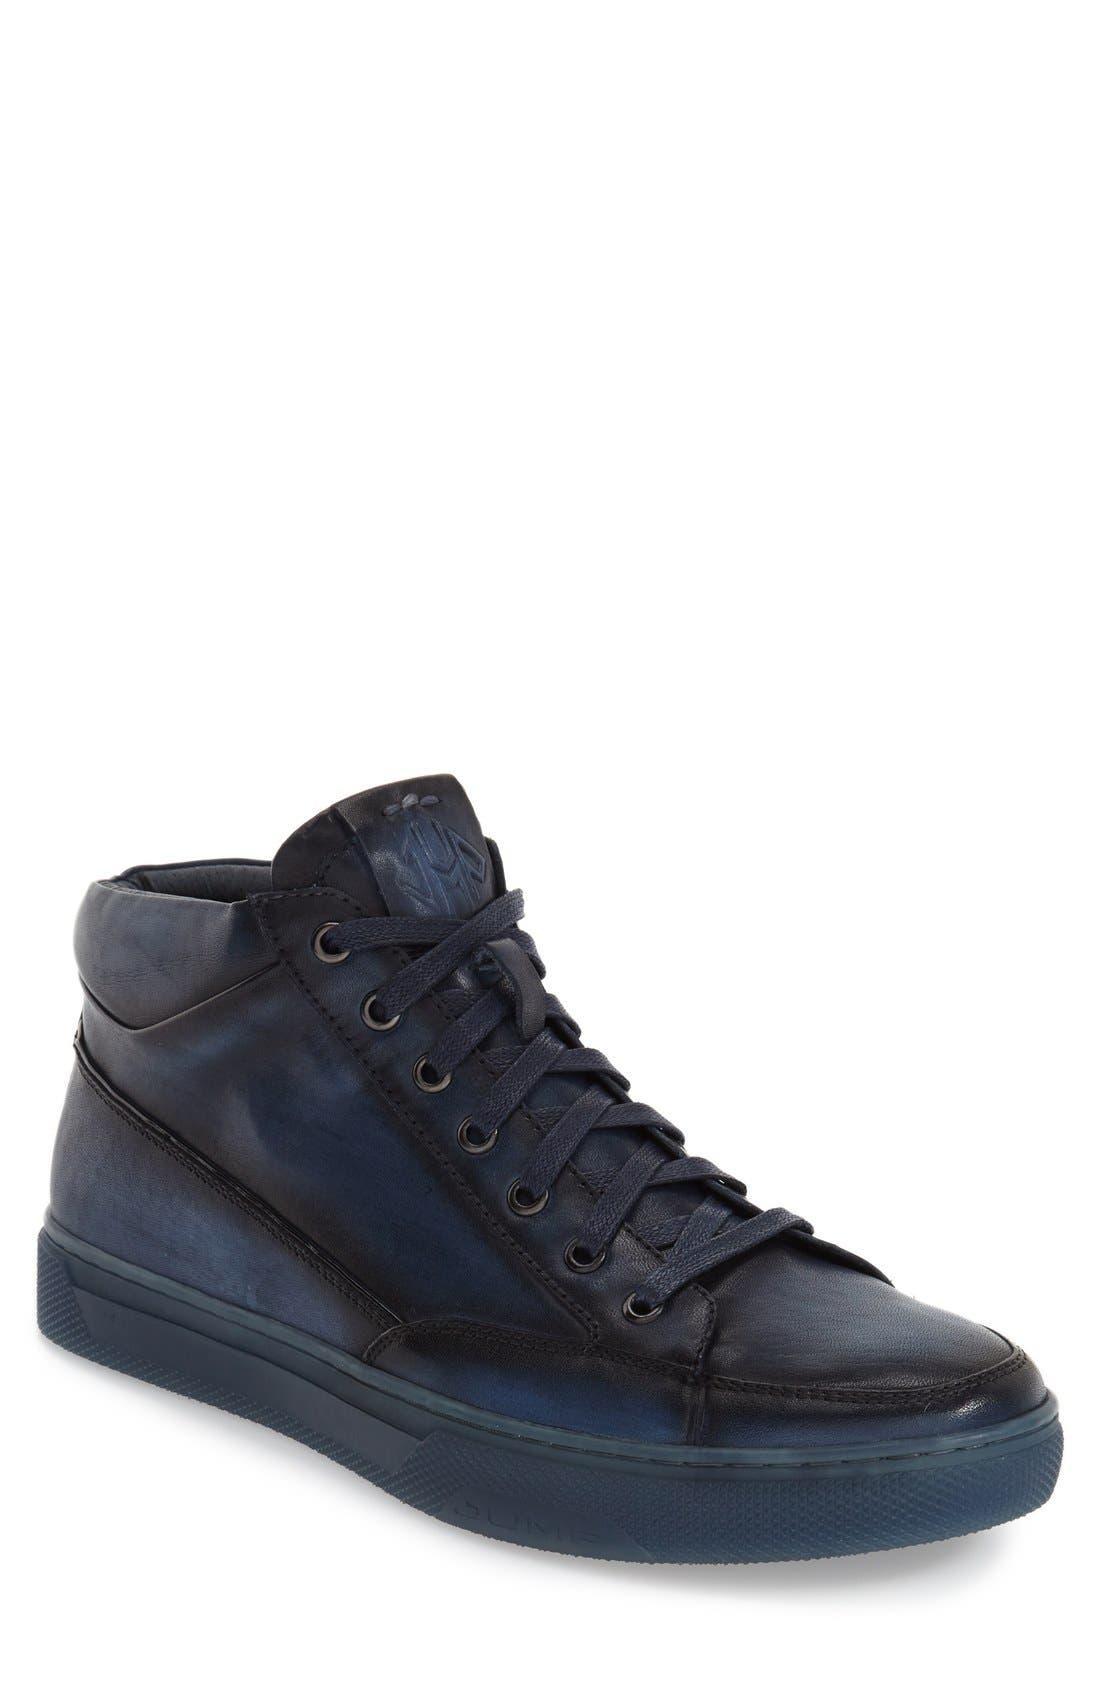 Main Image - Jump 'Strickland' Sneaker (Men)